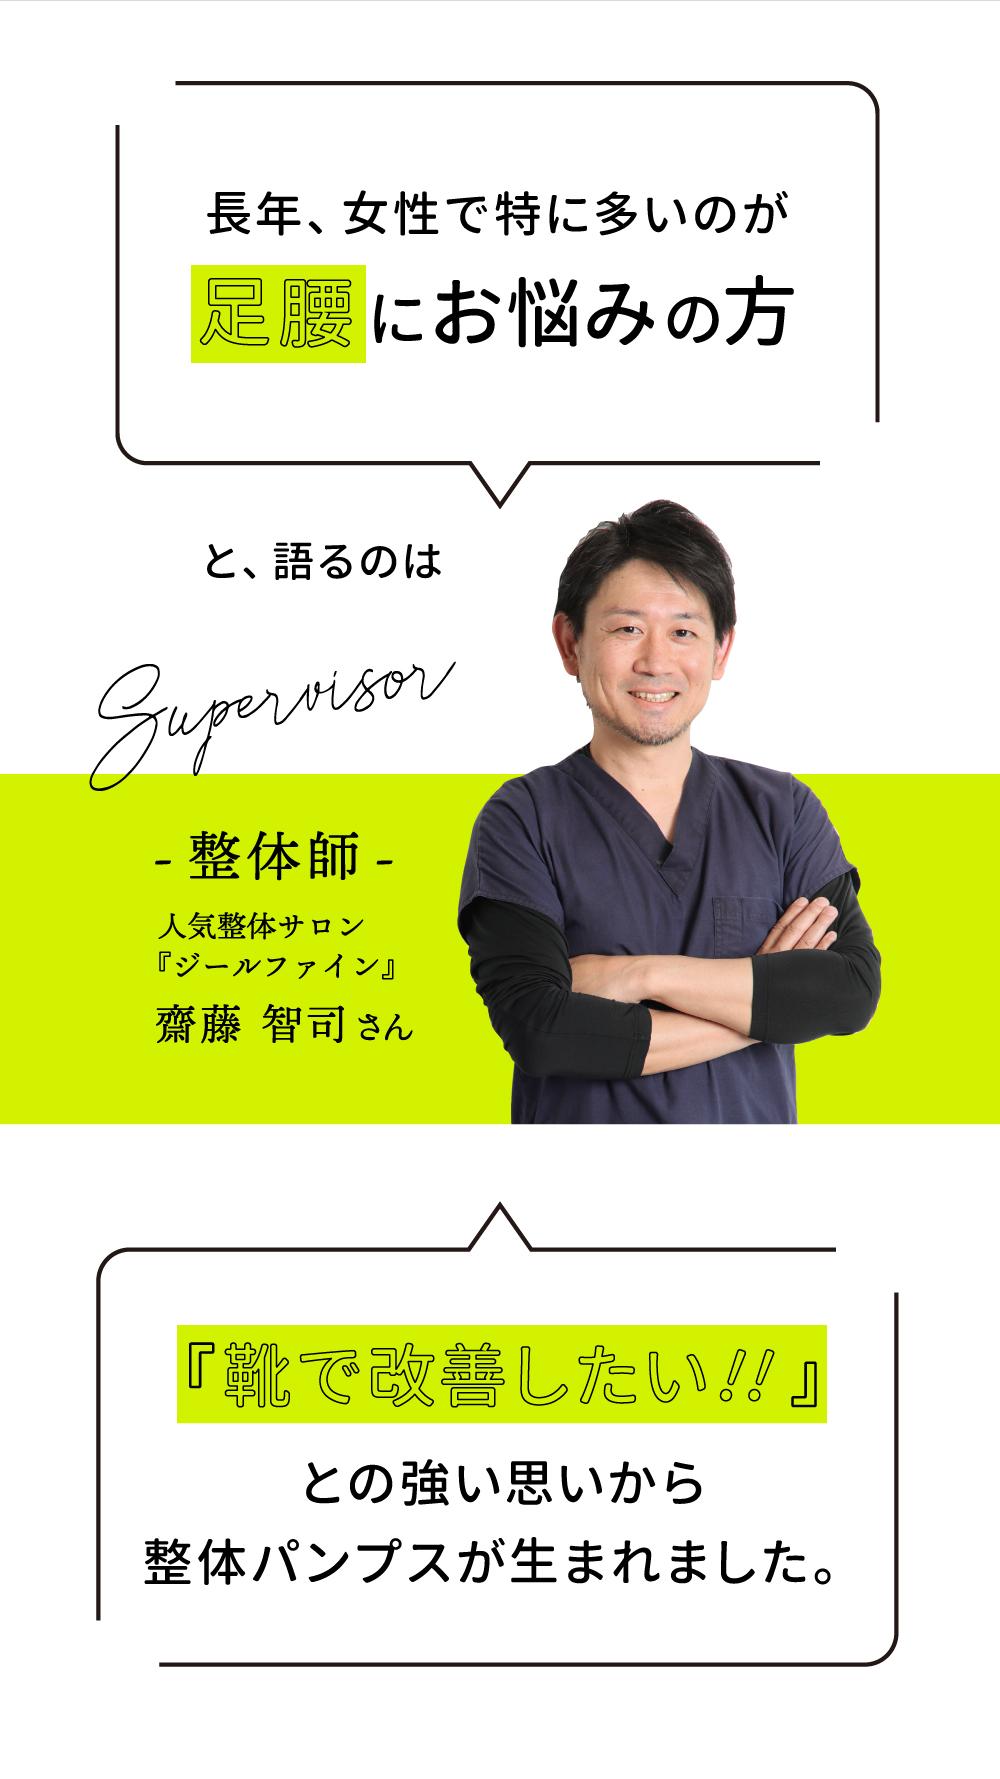 整体師齊藤智司さん「足腰にお悩みの方を靴で改善したい」